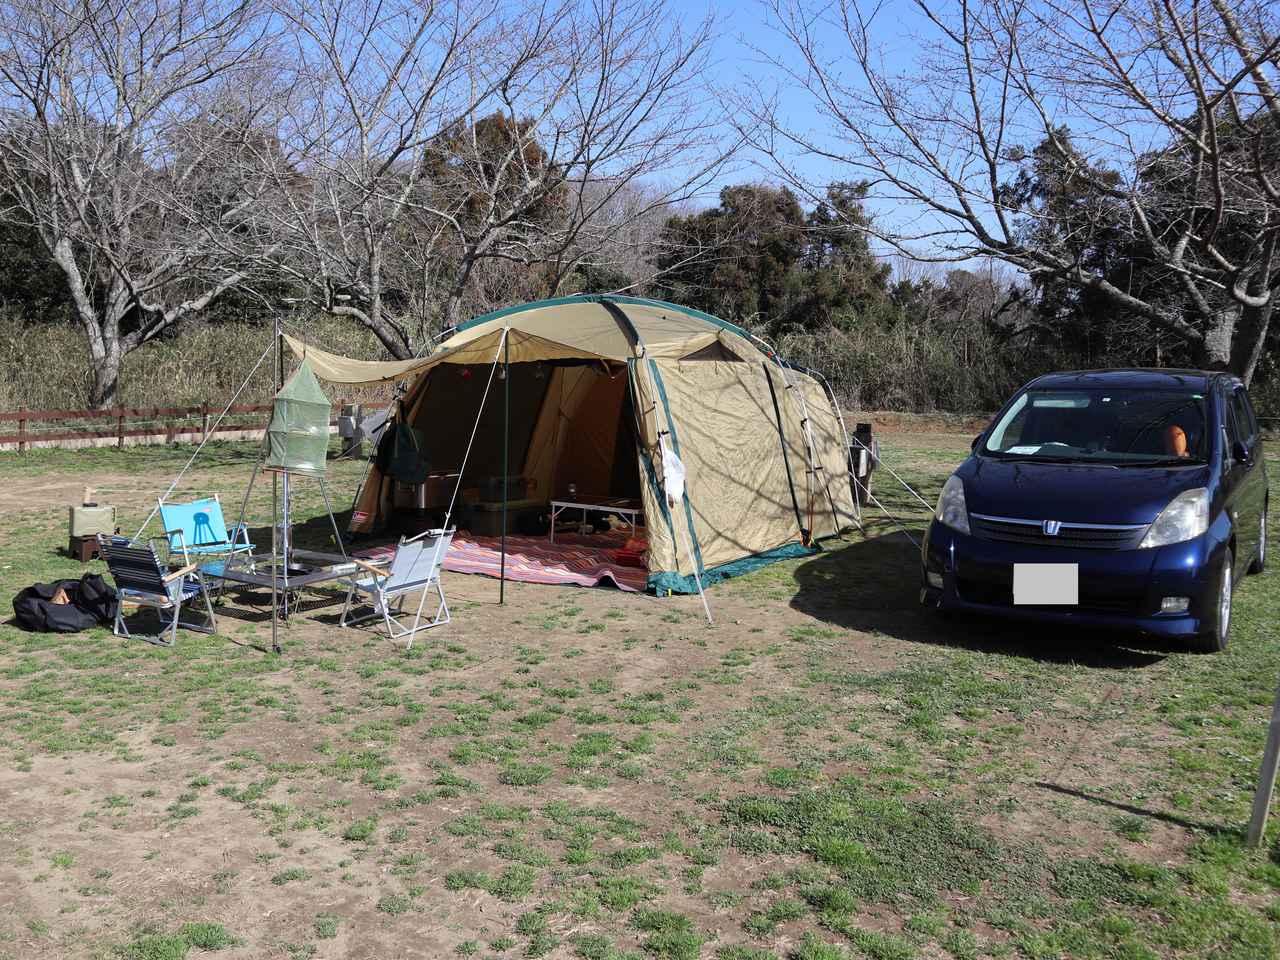 画像: 筆者撮影 オートキャンプの様子